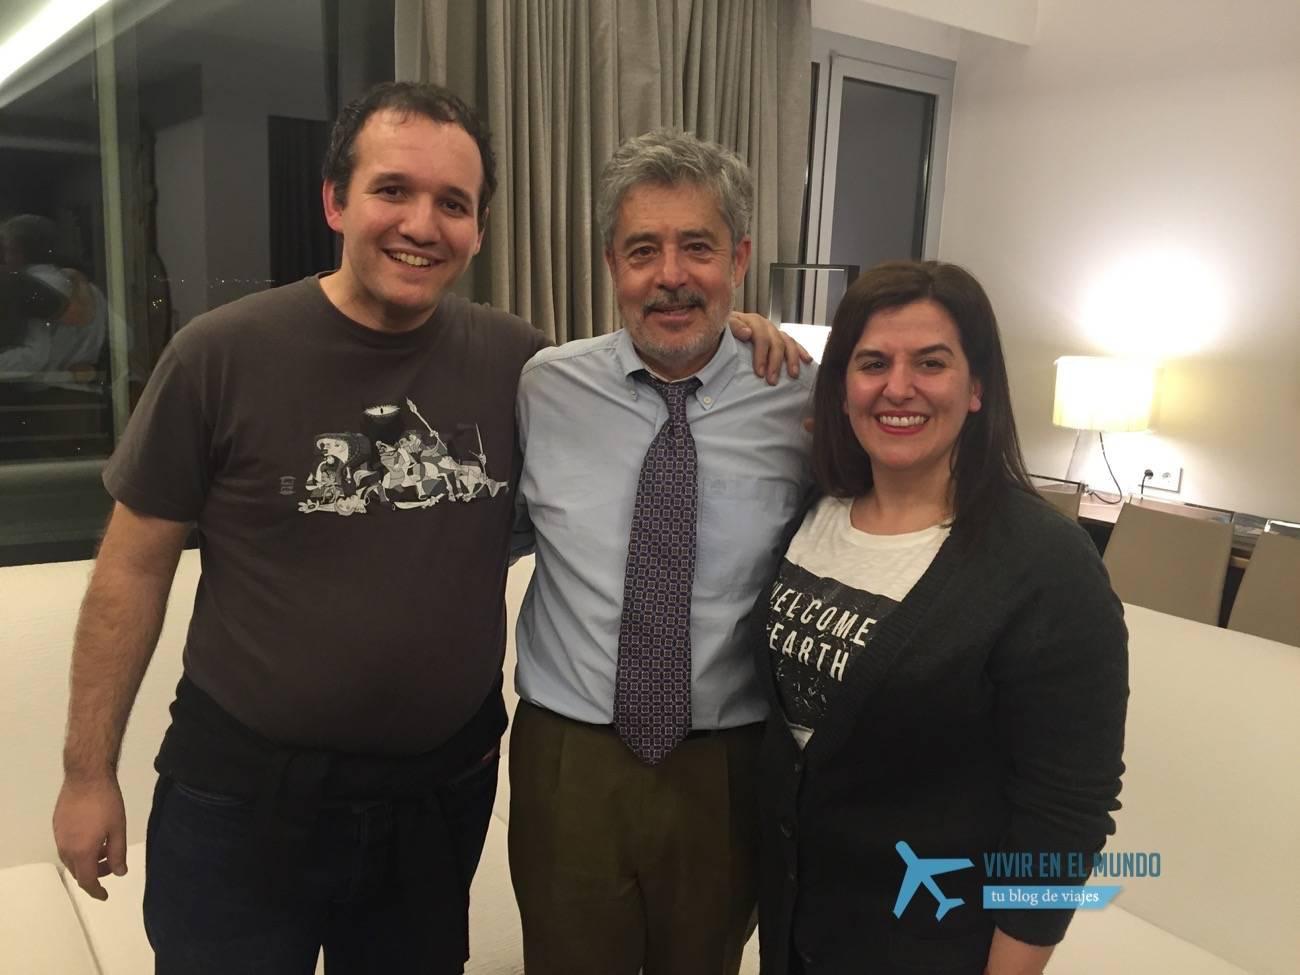 Carlos Iglesias con David Carrero y Antonia Gonzalez